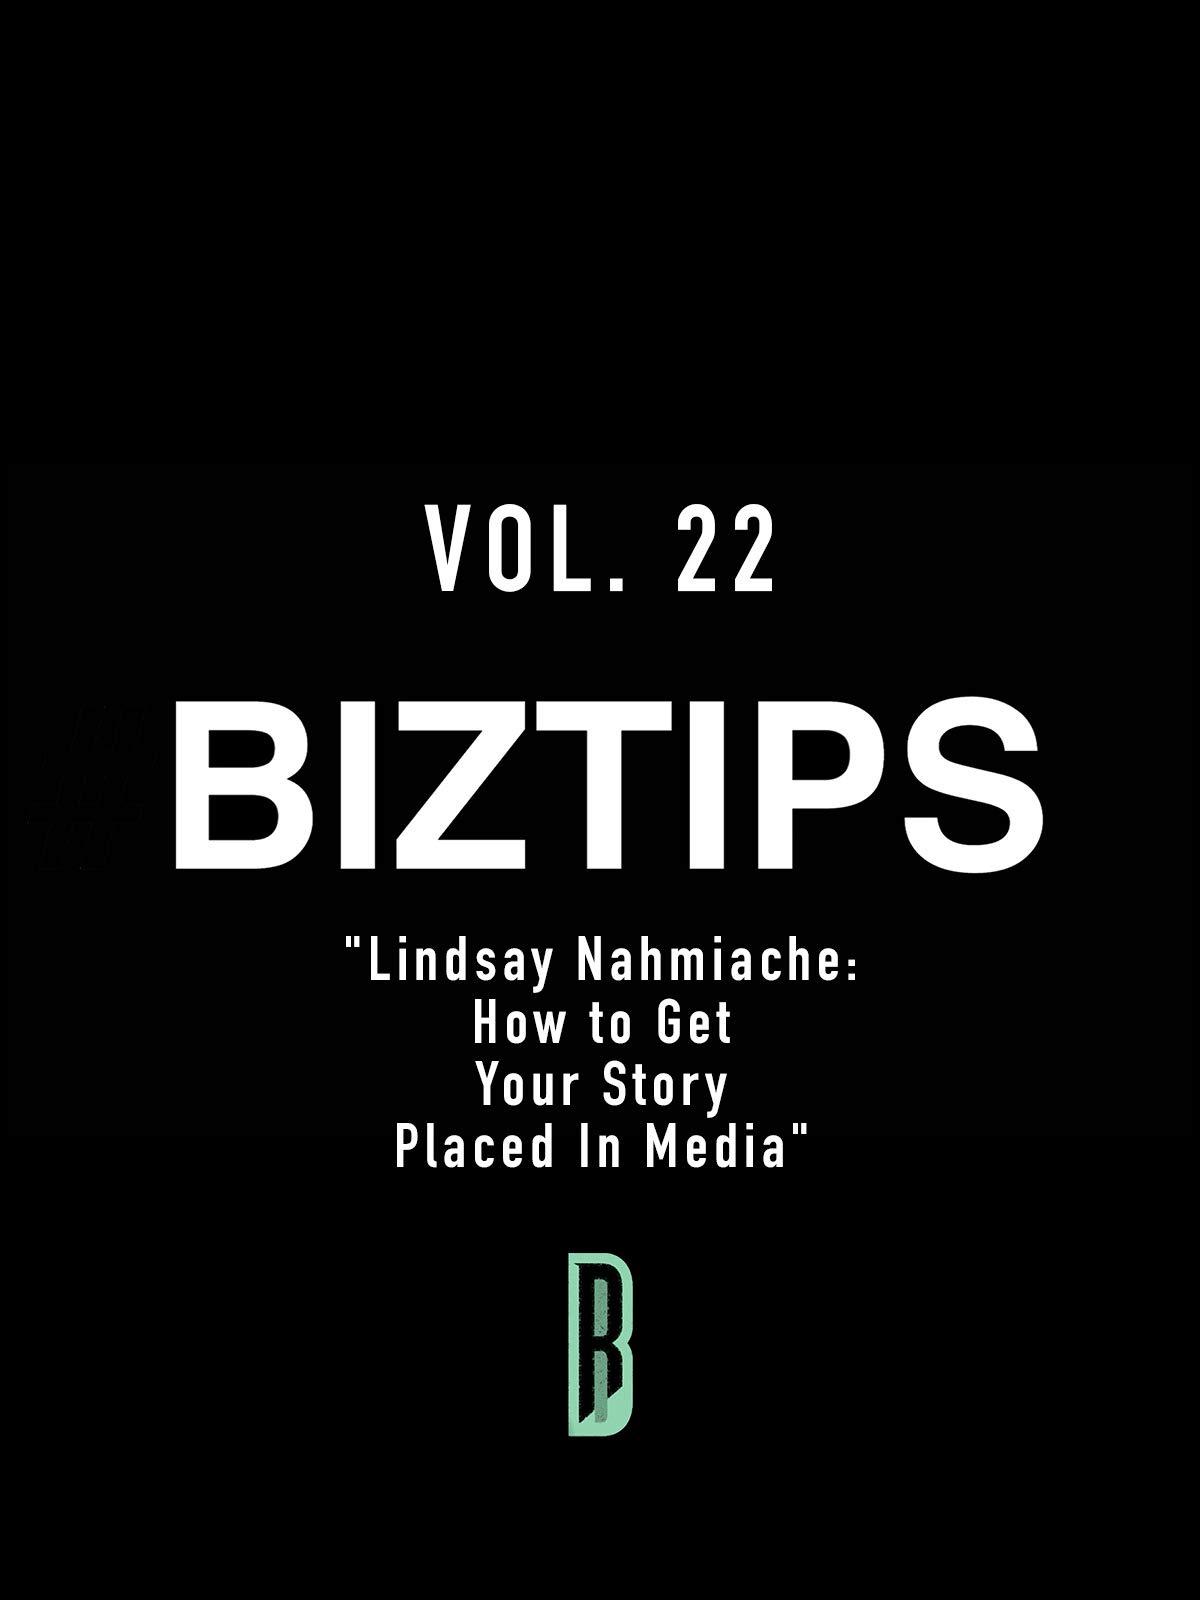 BizTips Vol. 22